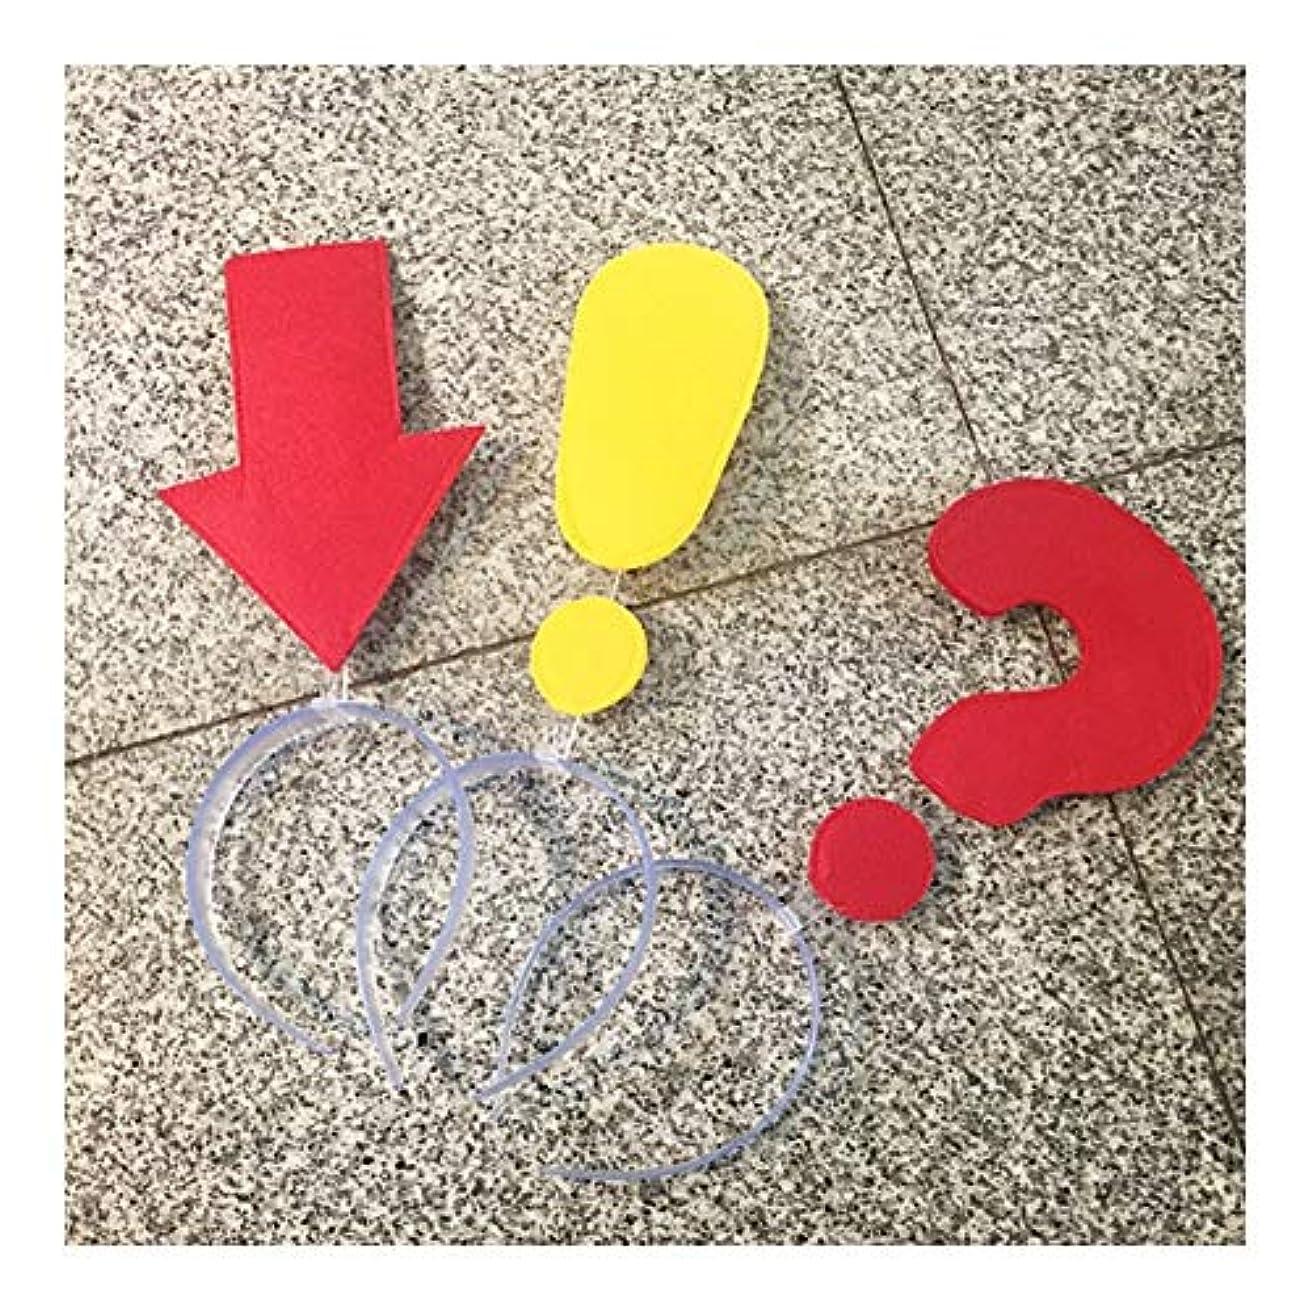 マオリレコーダーハイキングに行くMINGTAI ファニー販売かわいい疑問符記号カチューシャ楽しいパーティーの小道具ヘアピンパーソナリティヘッドバンドクリエイティブヘアピン男性と女性 (Color : Yellow, スタイル : Arrow)